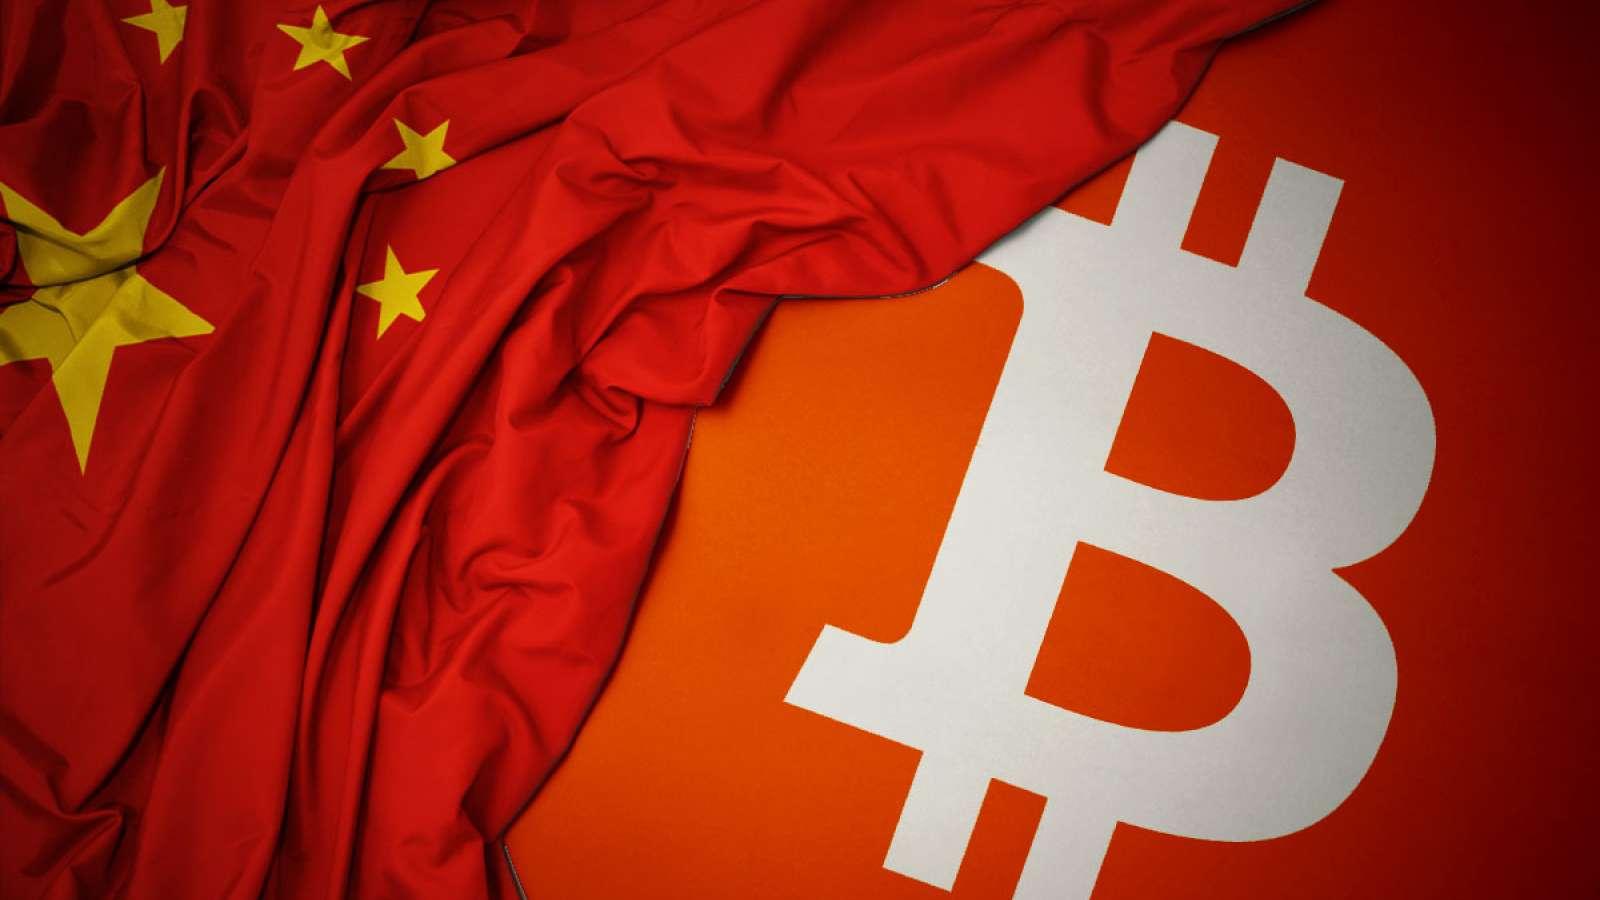 Rapor Cinden 50 Milyar Dolar Bitcoin BTC ve Kripto Para Birimlerine Aktarildi